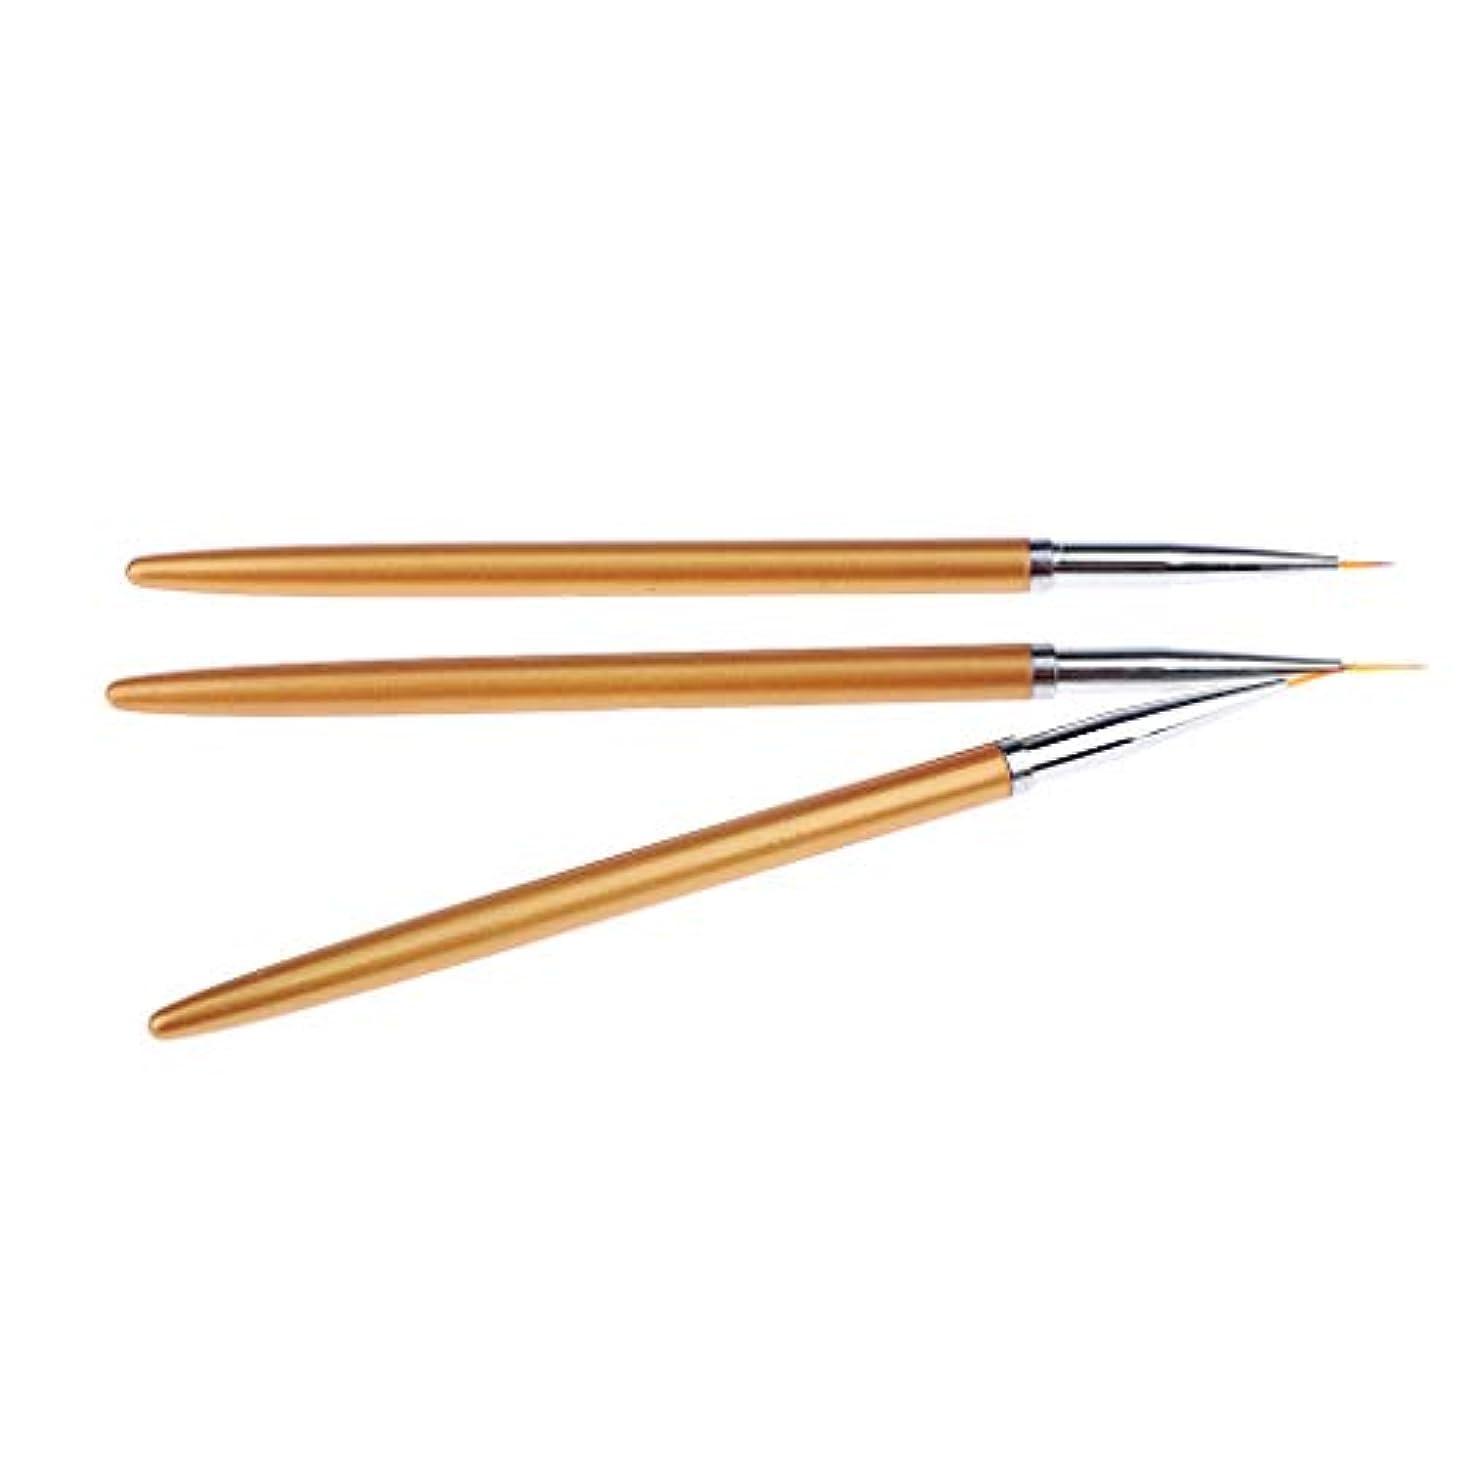 どんよりした持ってる大聖堂SM SunniMix ネイルアートブラシ 絵画ペン プラスチック ネイルアートペンブラシセット 3本